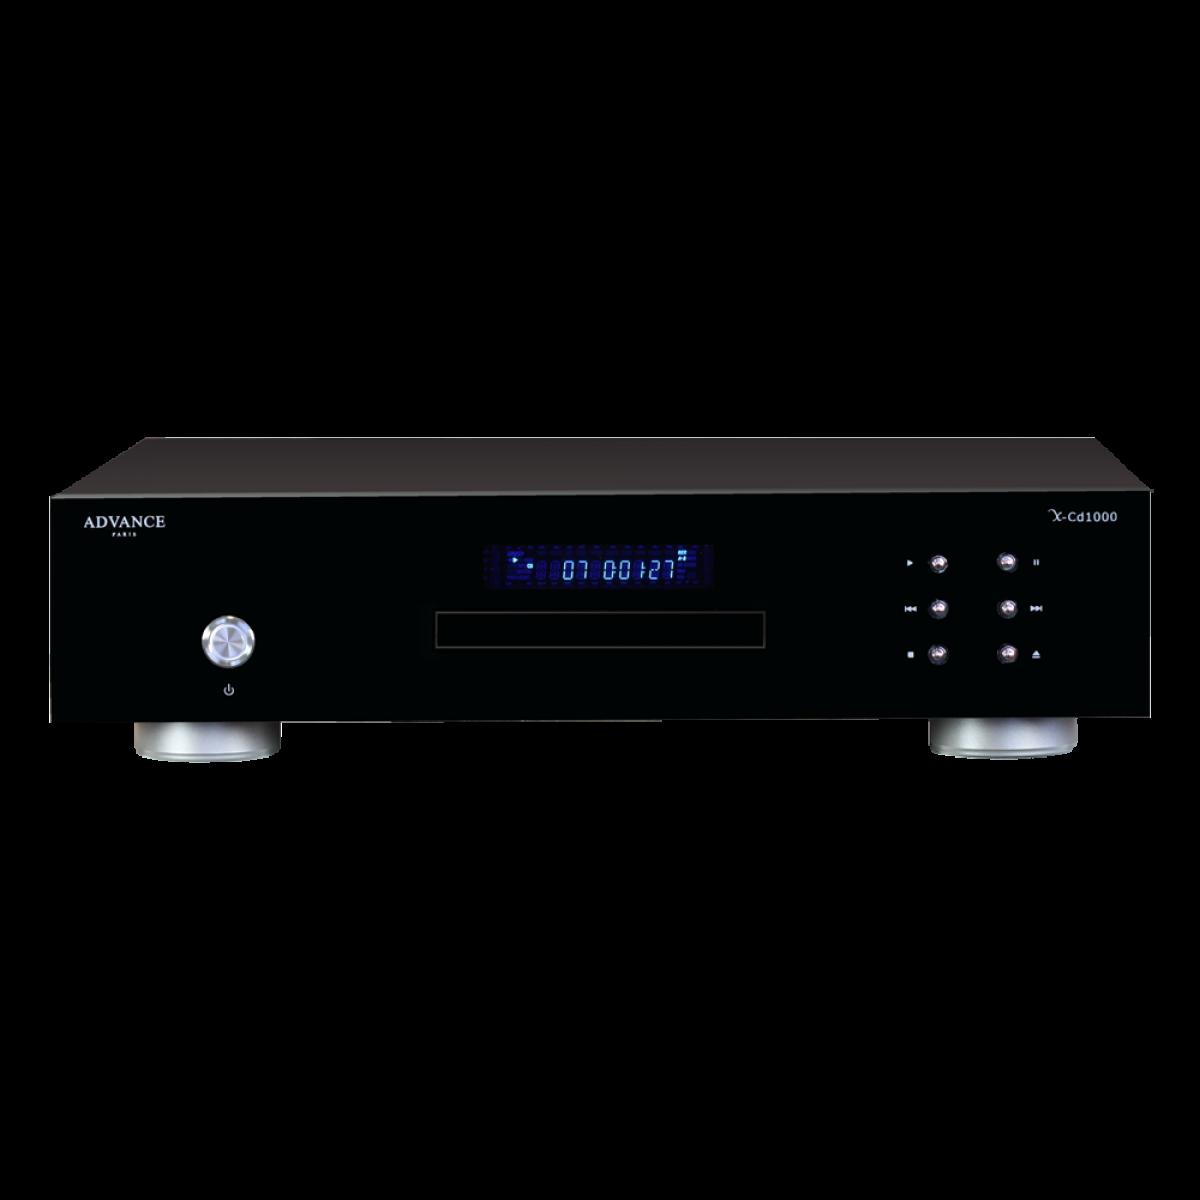 Advance X-CD 1000